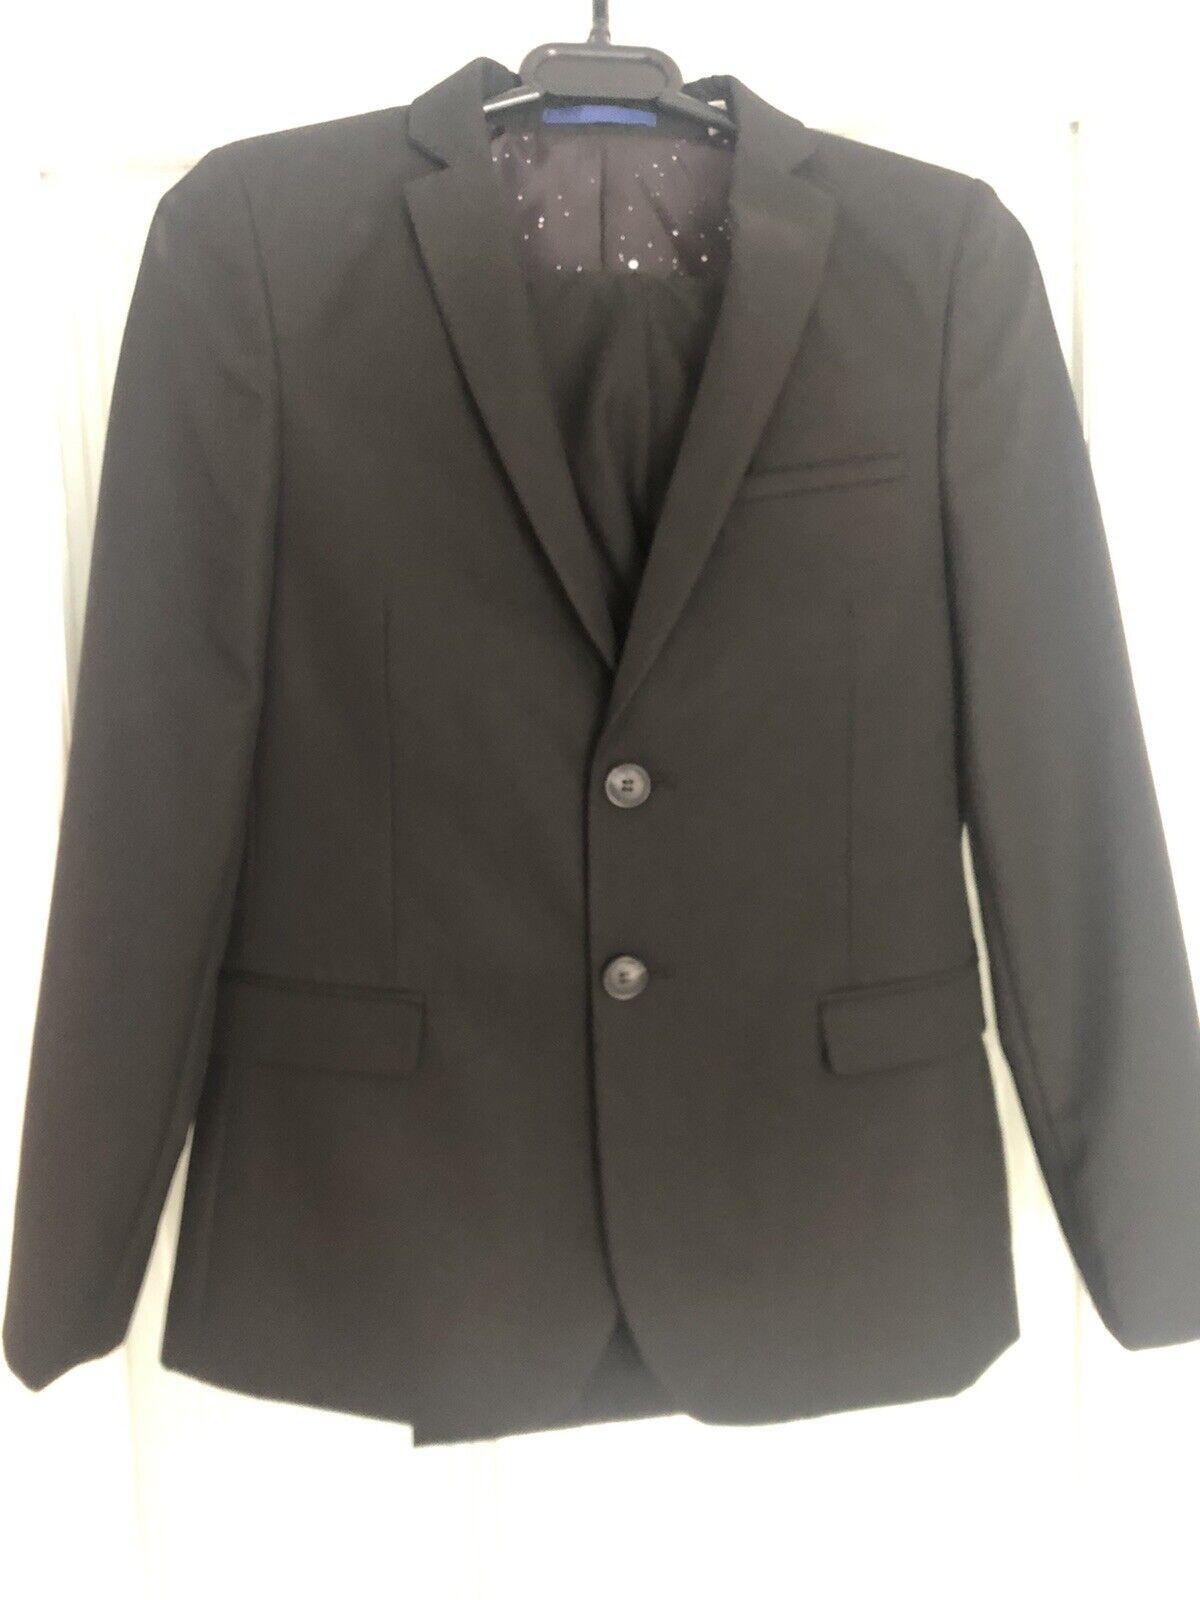 Boys Black M&S Suit Age 11-12